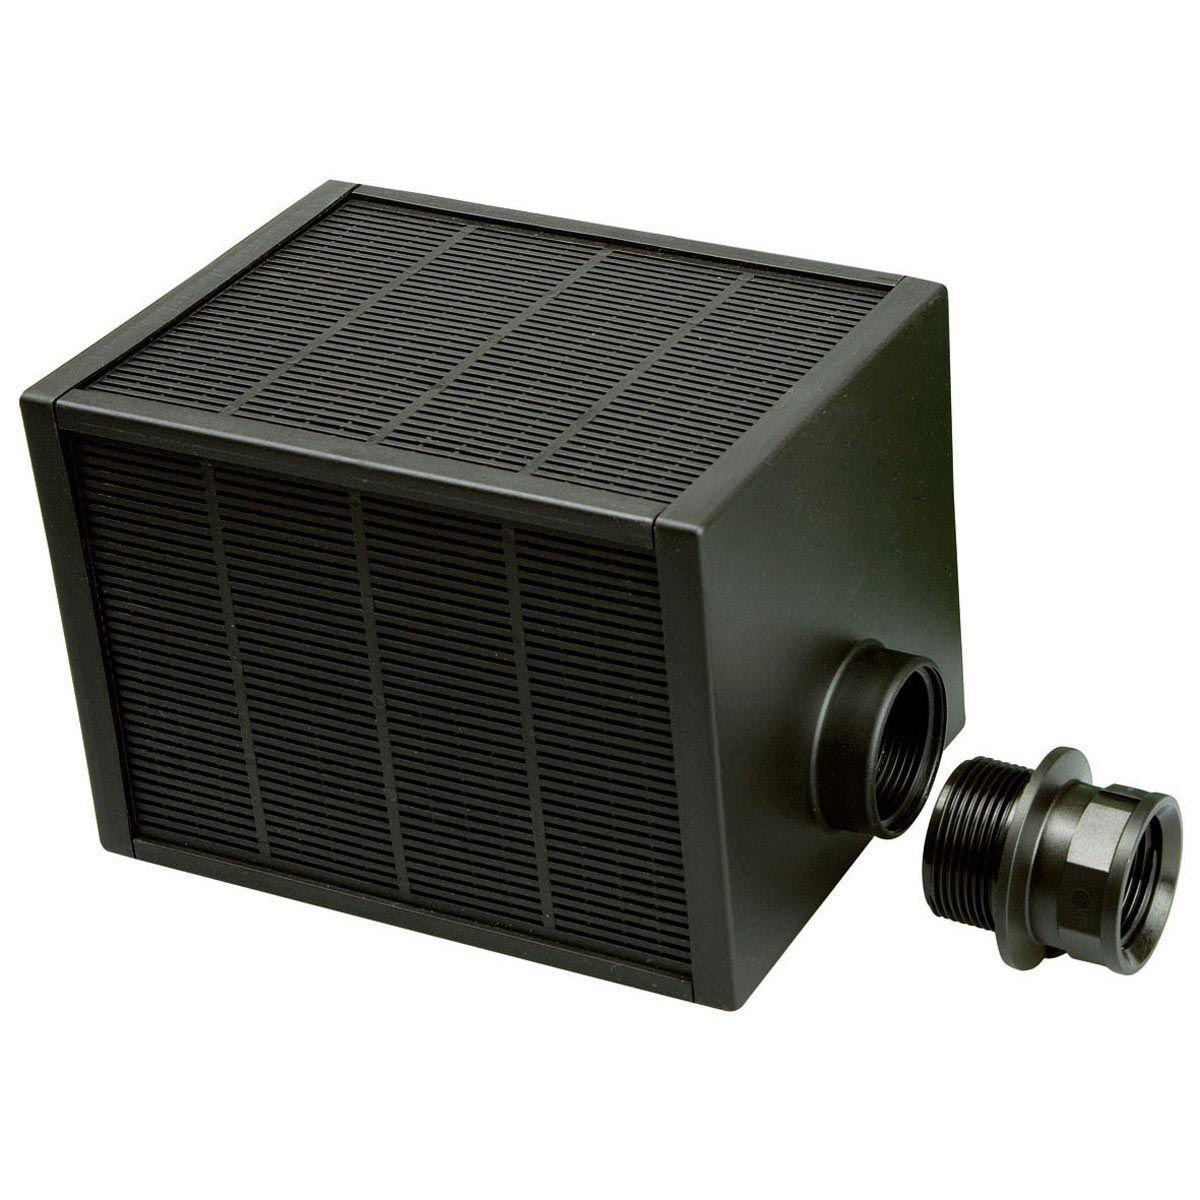 Vorfilter fein, Q 3000 - 10000 l/h, schwarz, 1' AG, 1 1/4' IG